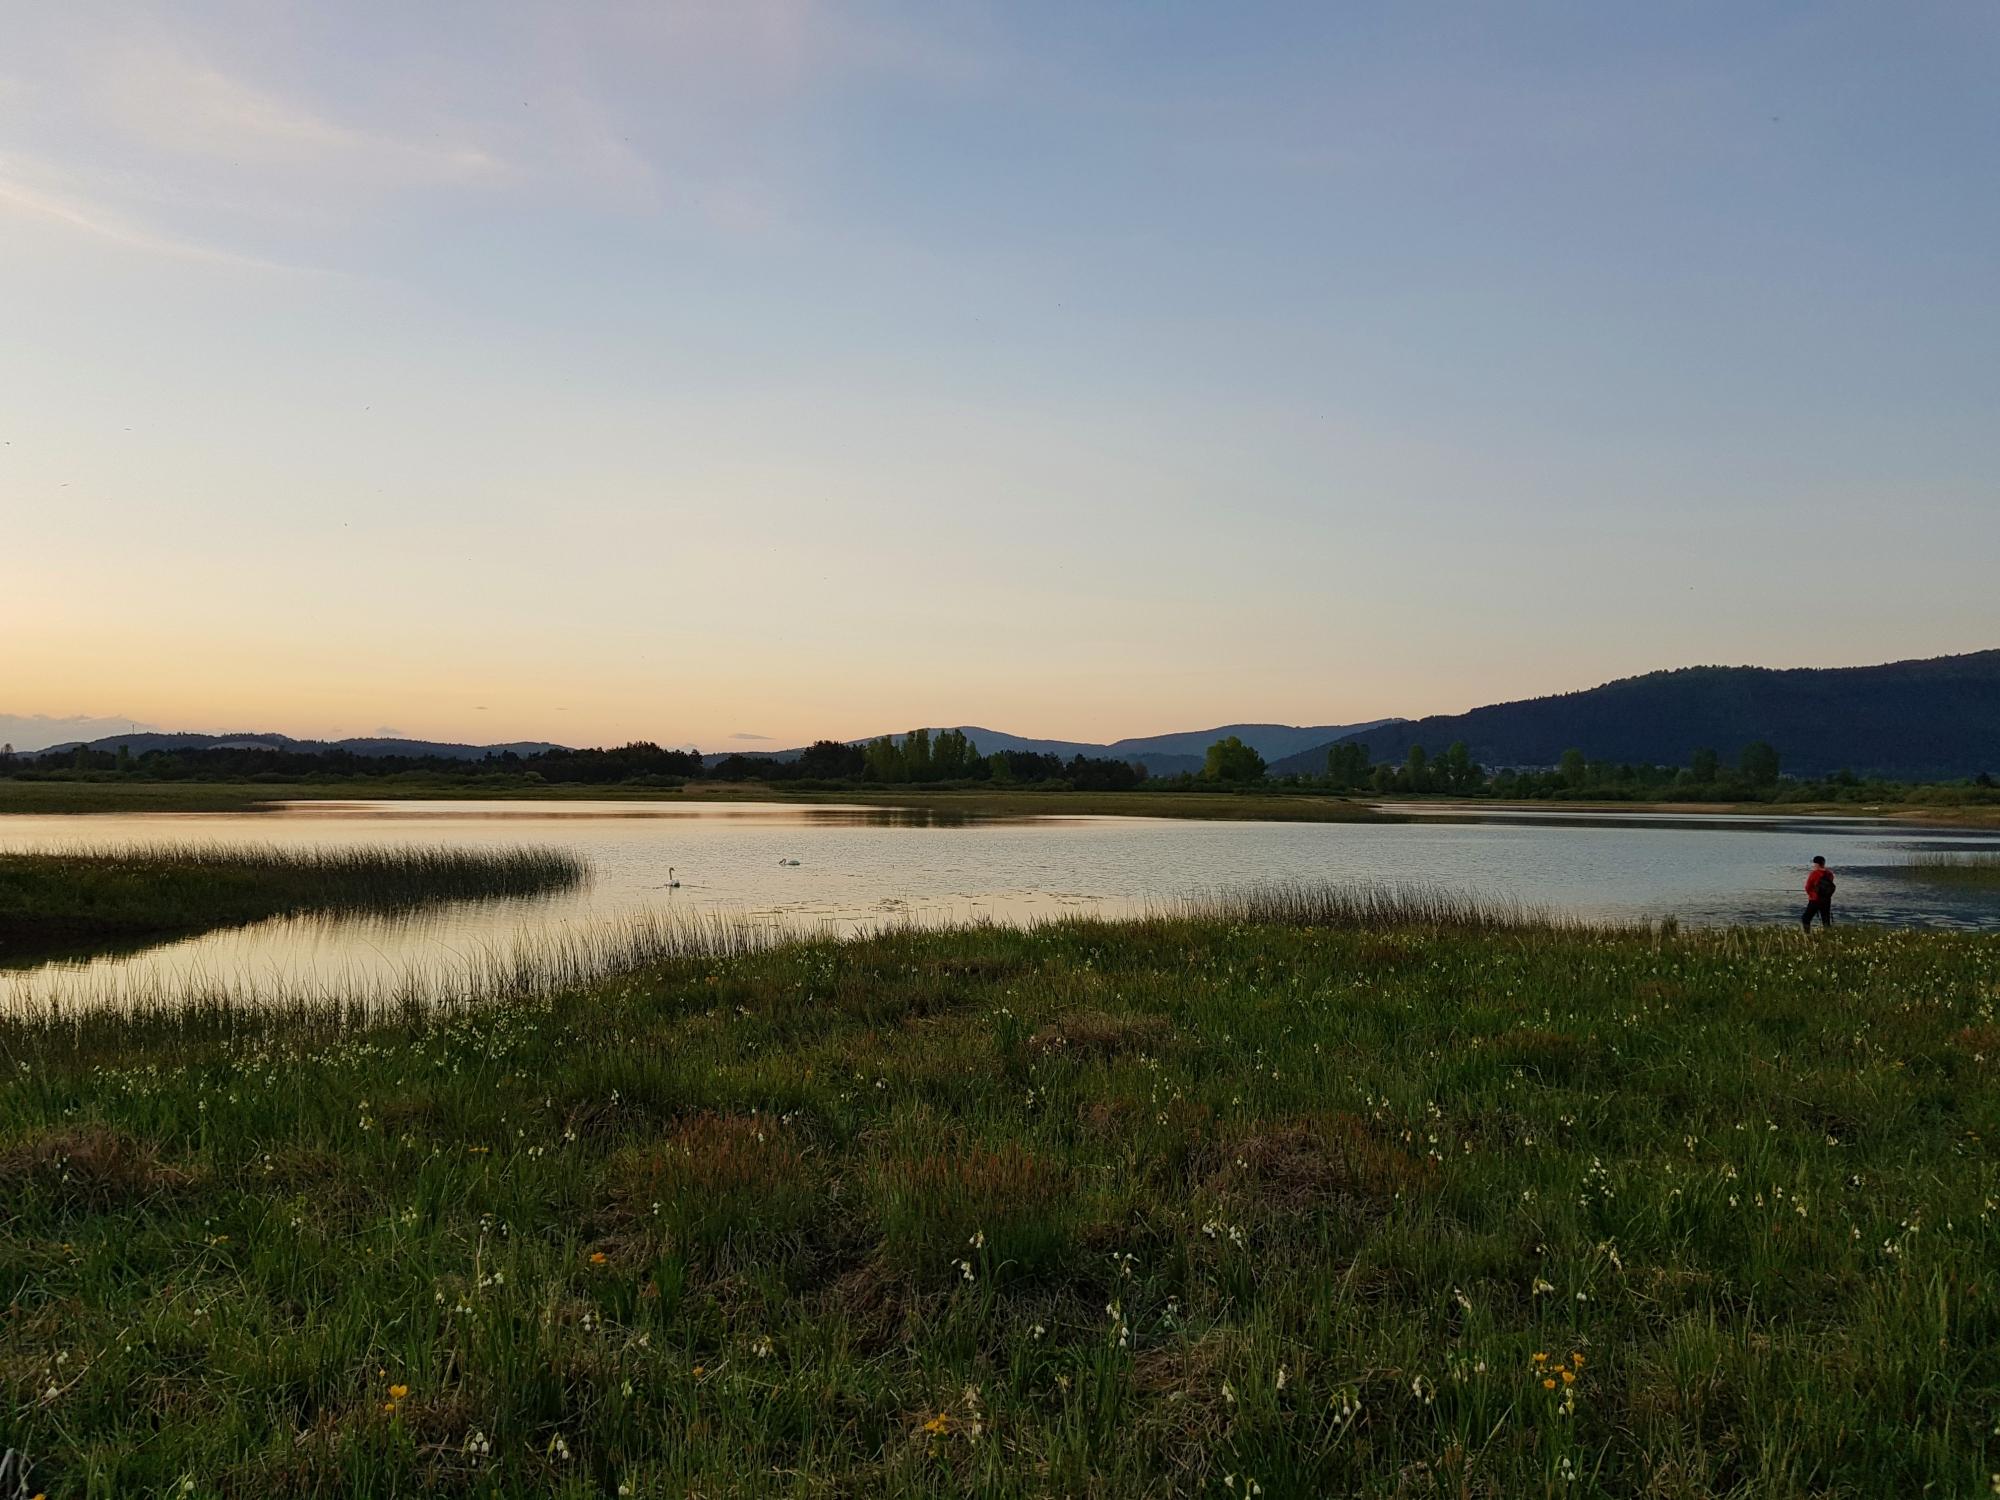 Večerni pogled na jezero s Skadulce. Foto Eva Kobe